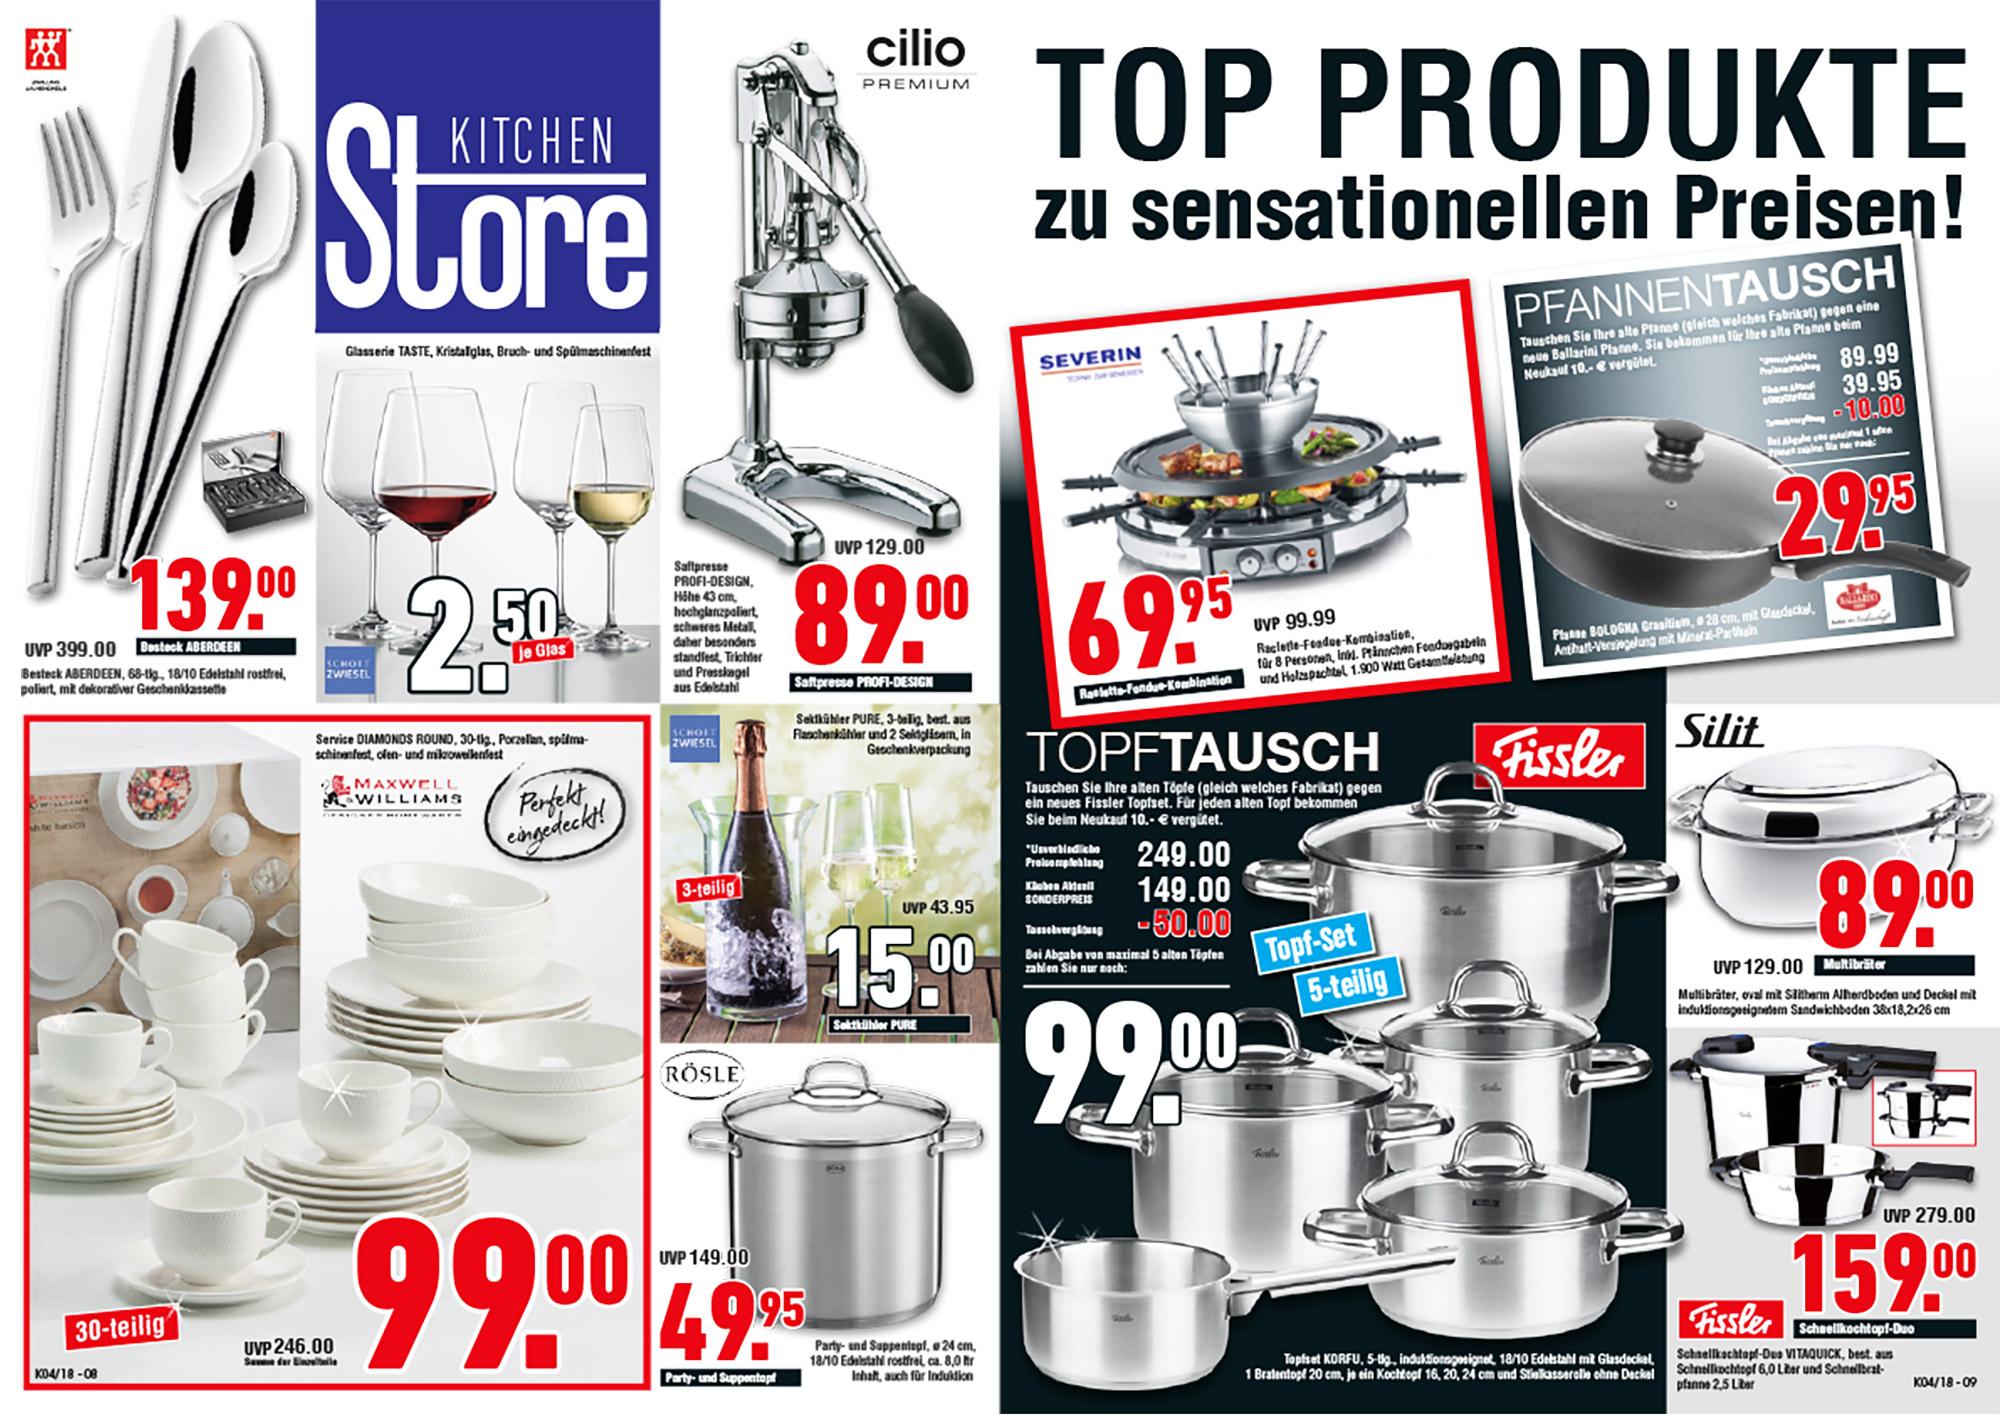 Erfreut Farbtrends Küchengeräte 2013 Zeitgenössisch - Ideen Für Die ...